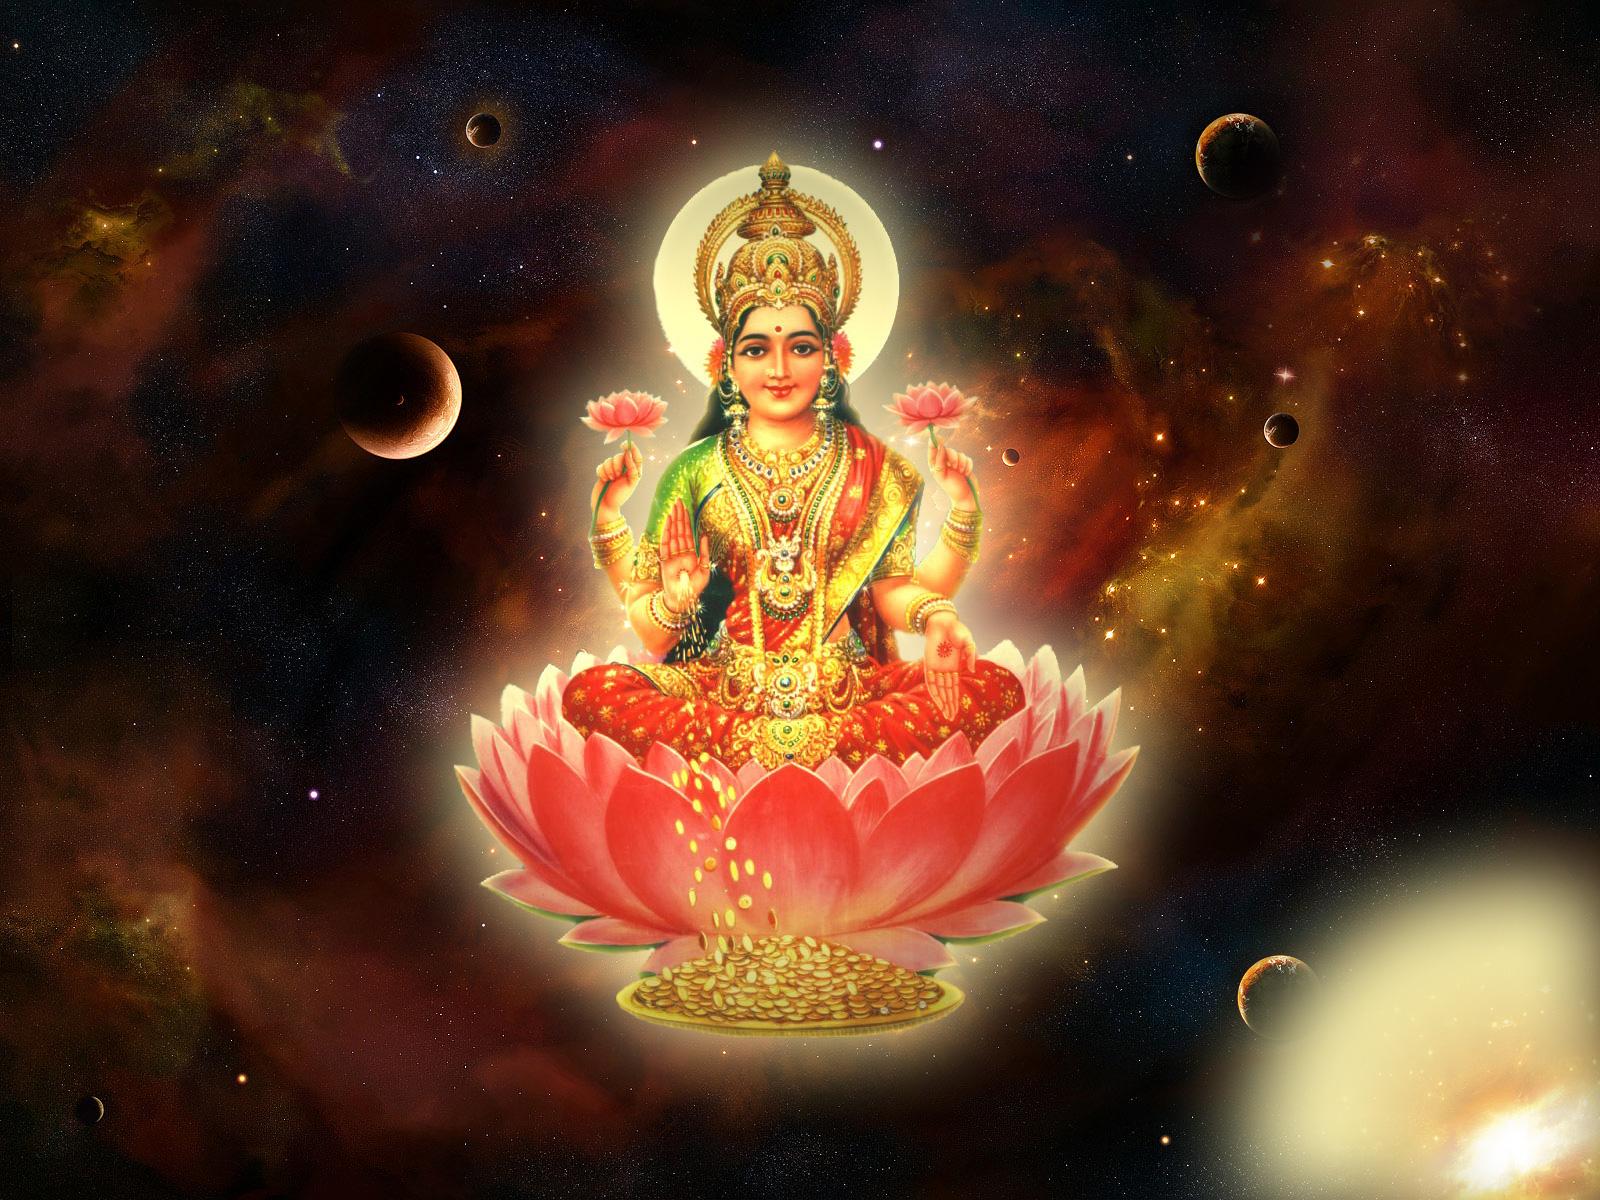 goddess wallpaper